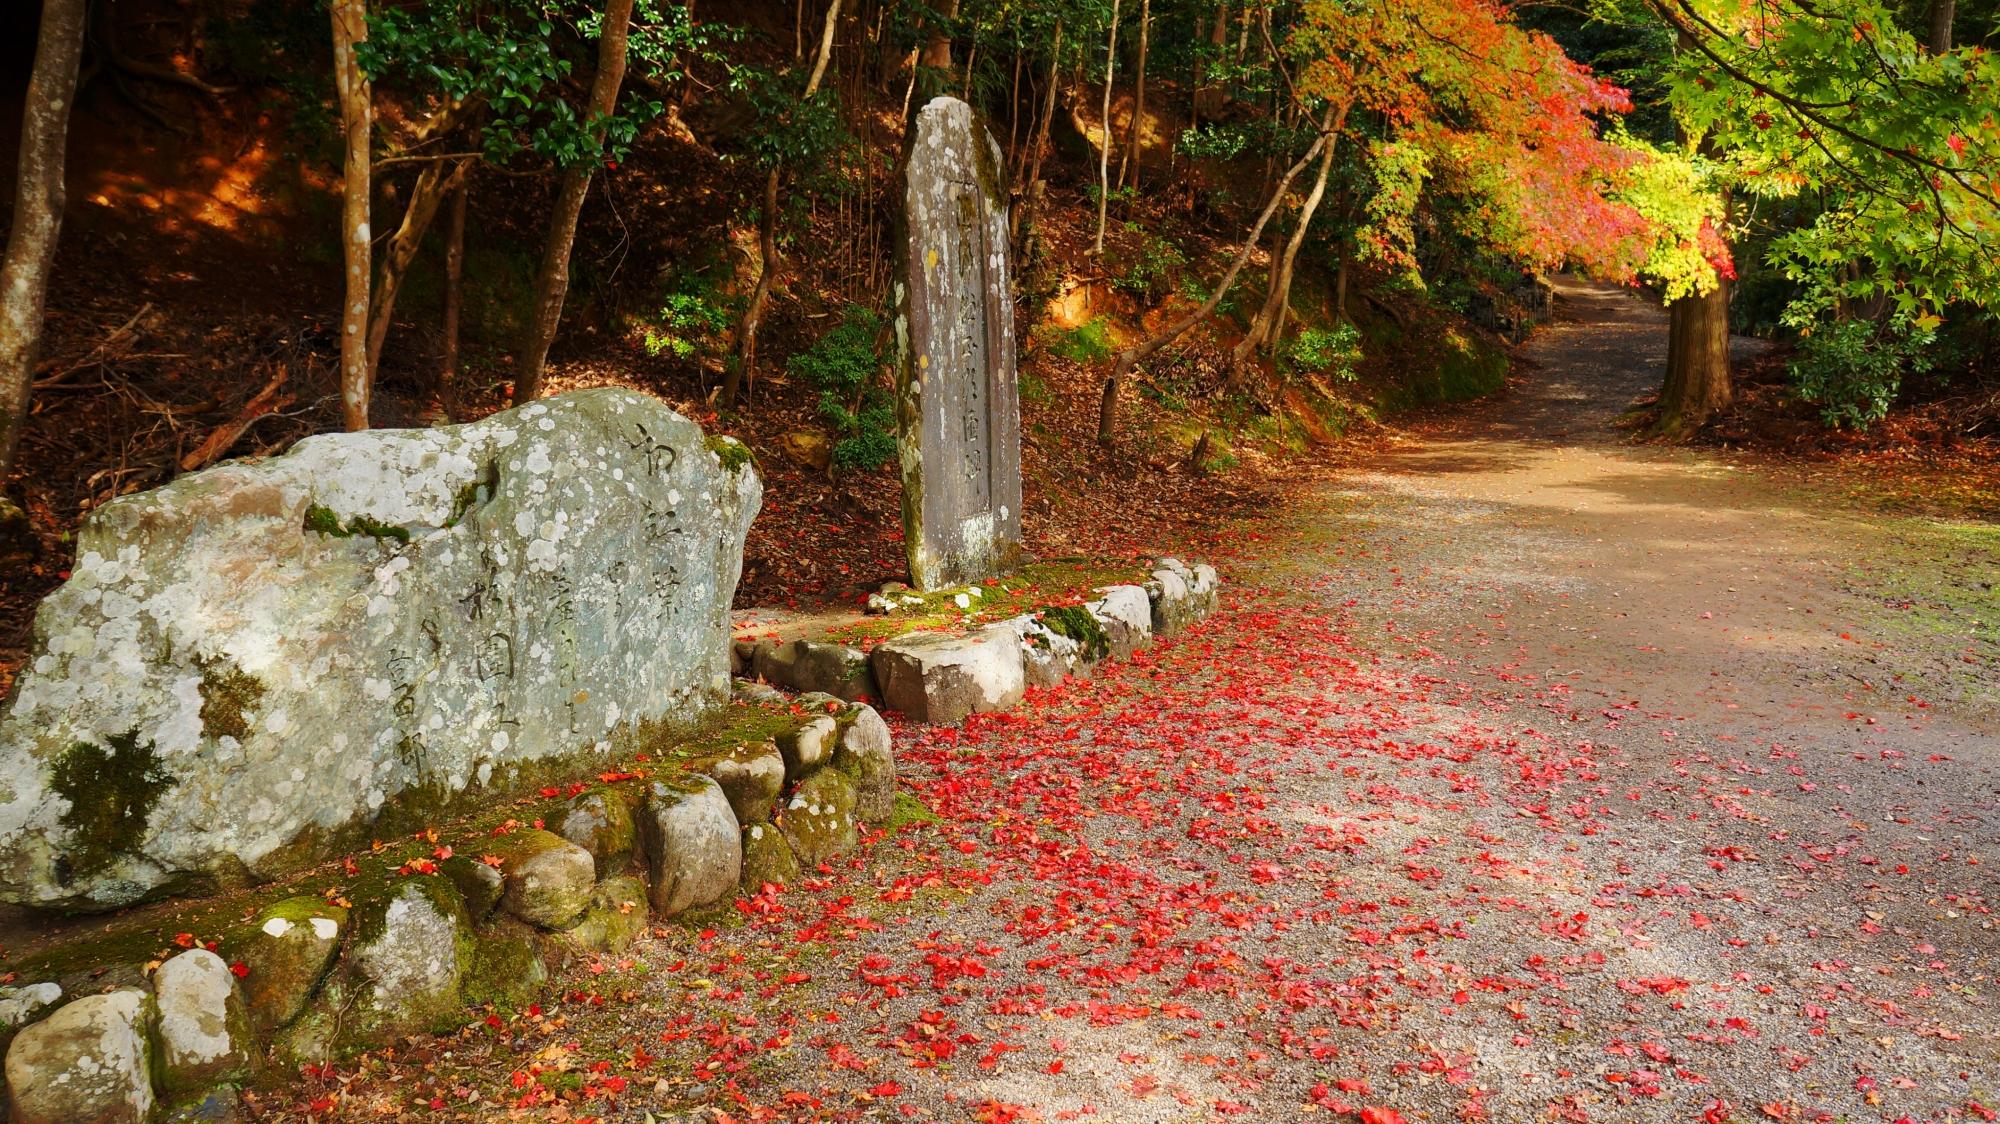 神護寺の鮮やかな赤い散りもみじ